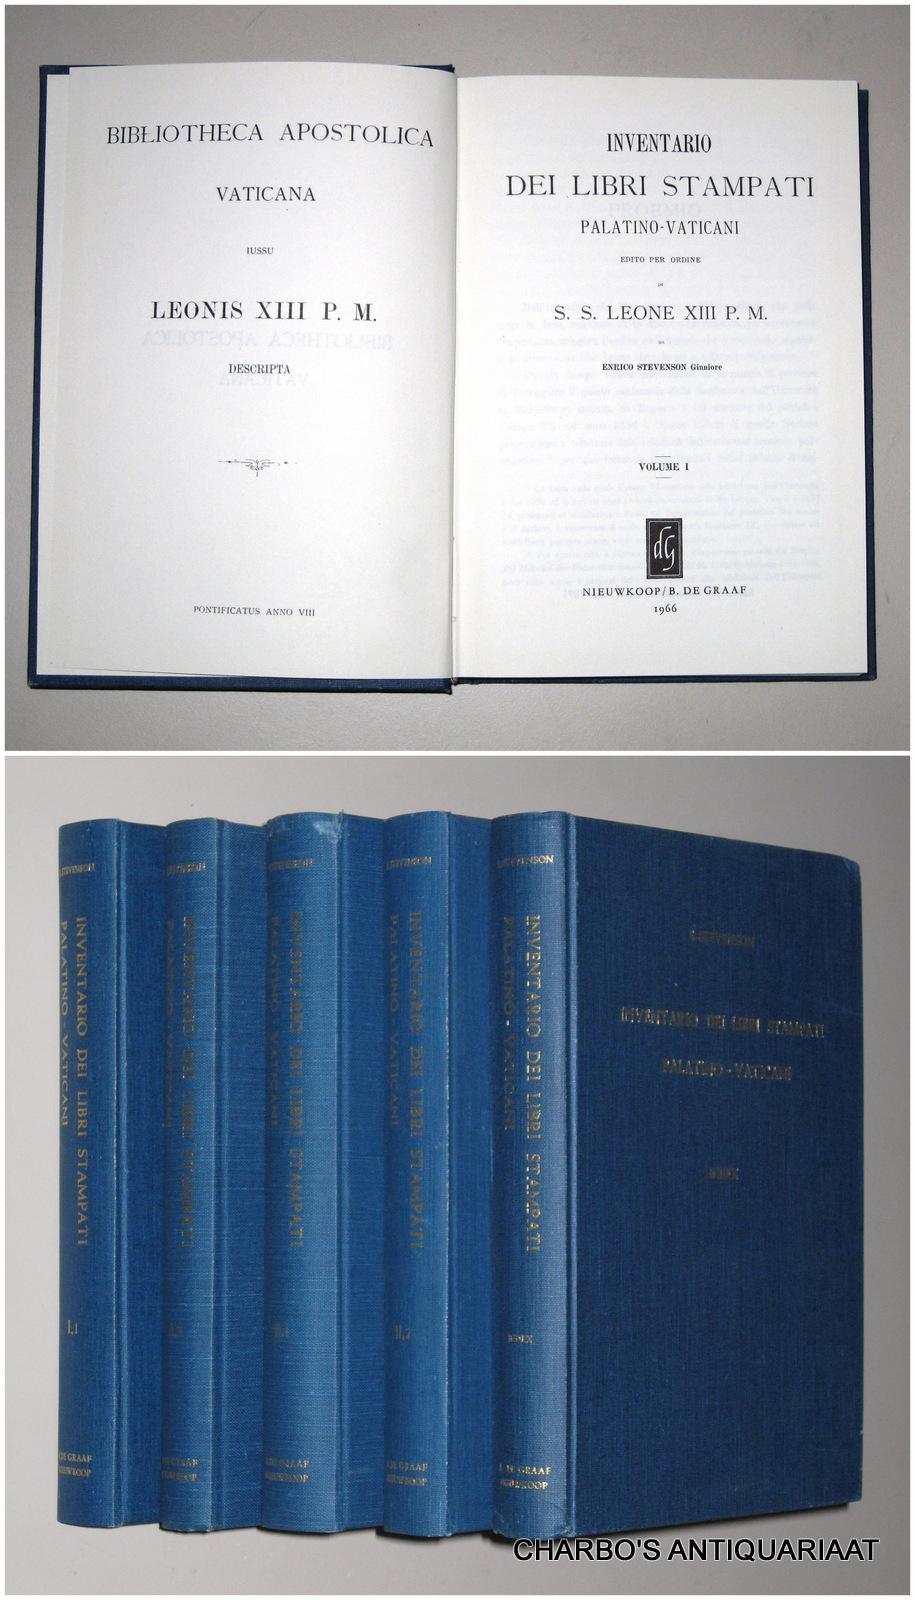 STEVENSON, ENRICO, -  Inventario dei Libri Stampati Palatino-Vaticani. Edito per Ordine di S.S. Leone XIII P.M. (Complete in 5 vols.).